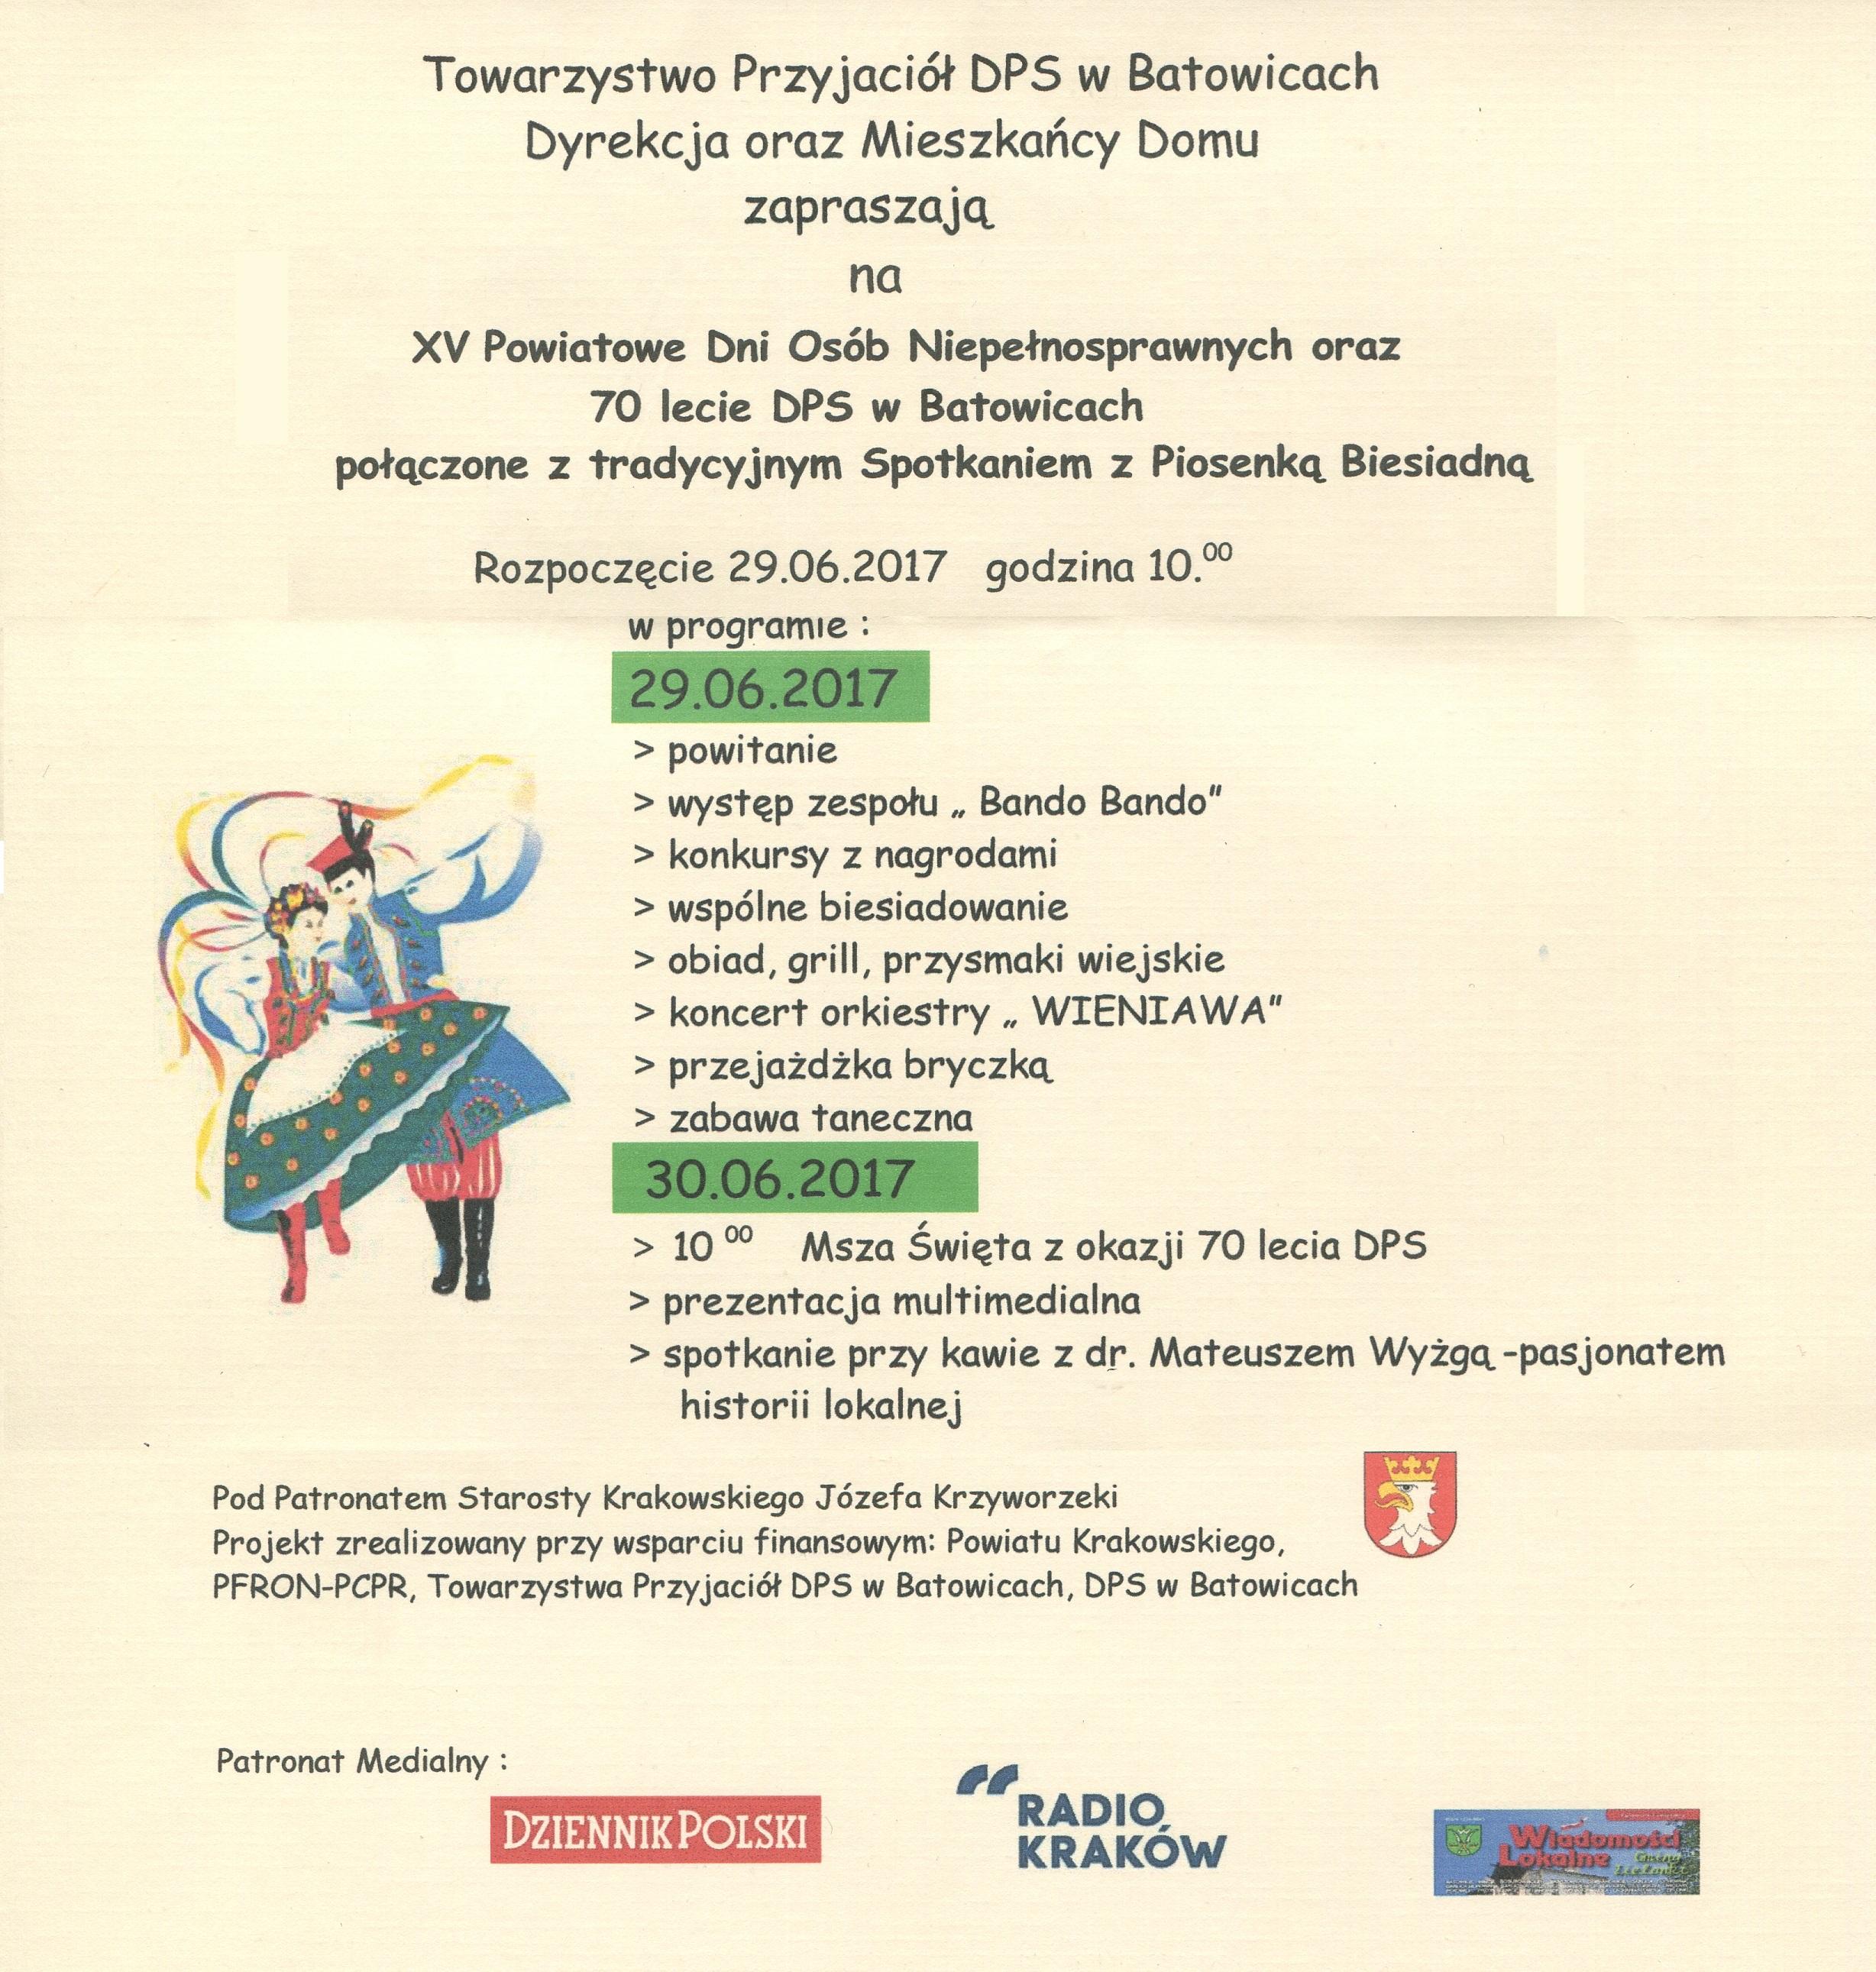 XV Powiatowe Dni Osób Niepełnosprawnych oraz 70-lecie DPS w Batowicach @ DPS Batowice | Batowice | małopolskie | Polska